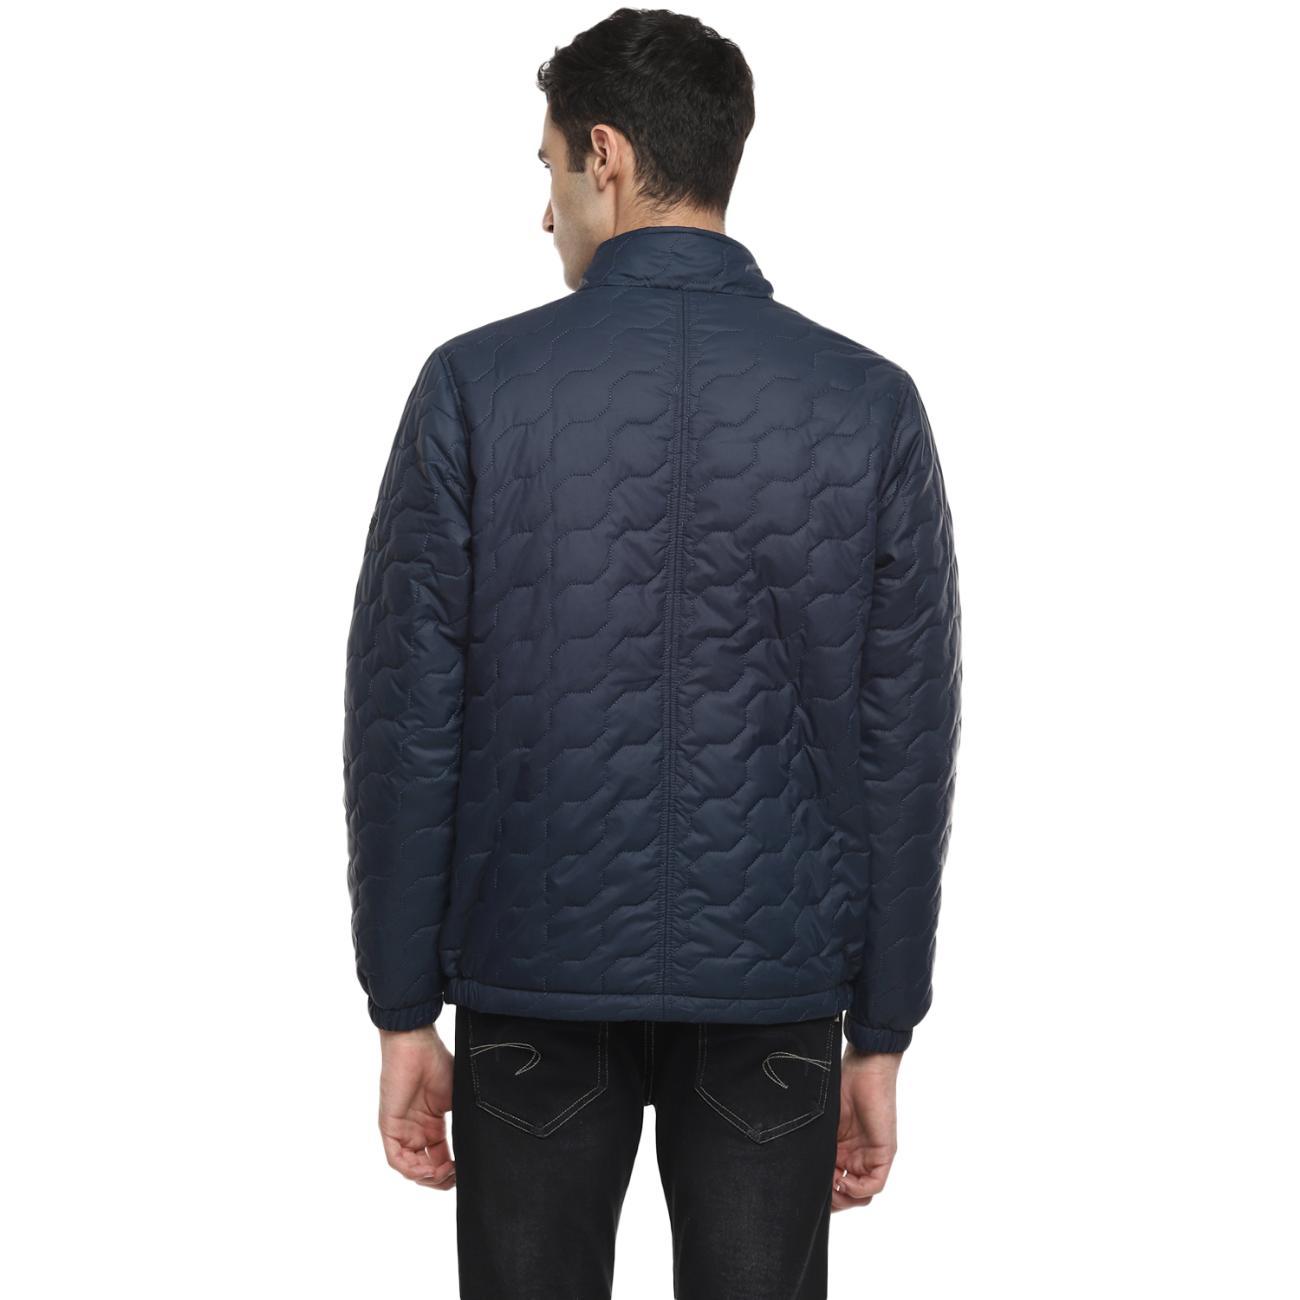 Buy Navy Jacket For Men Online